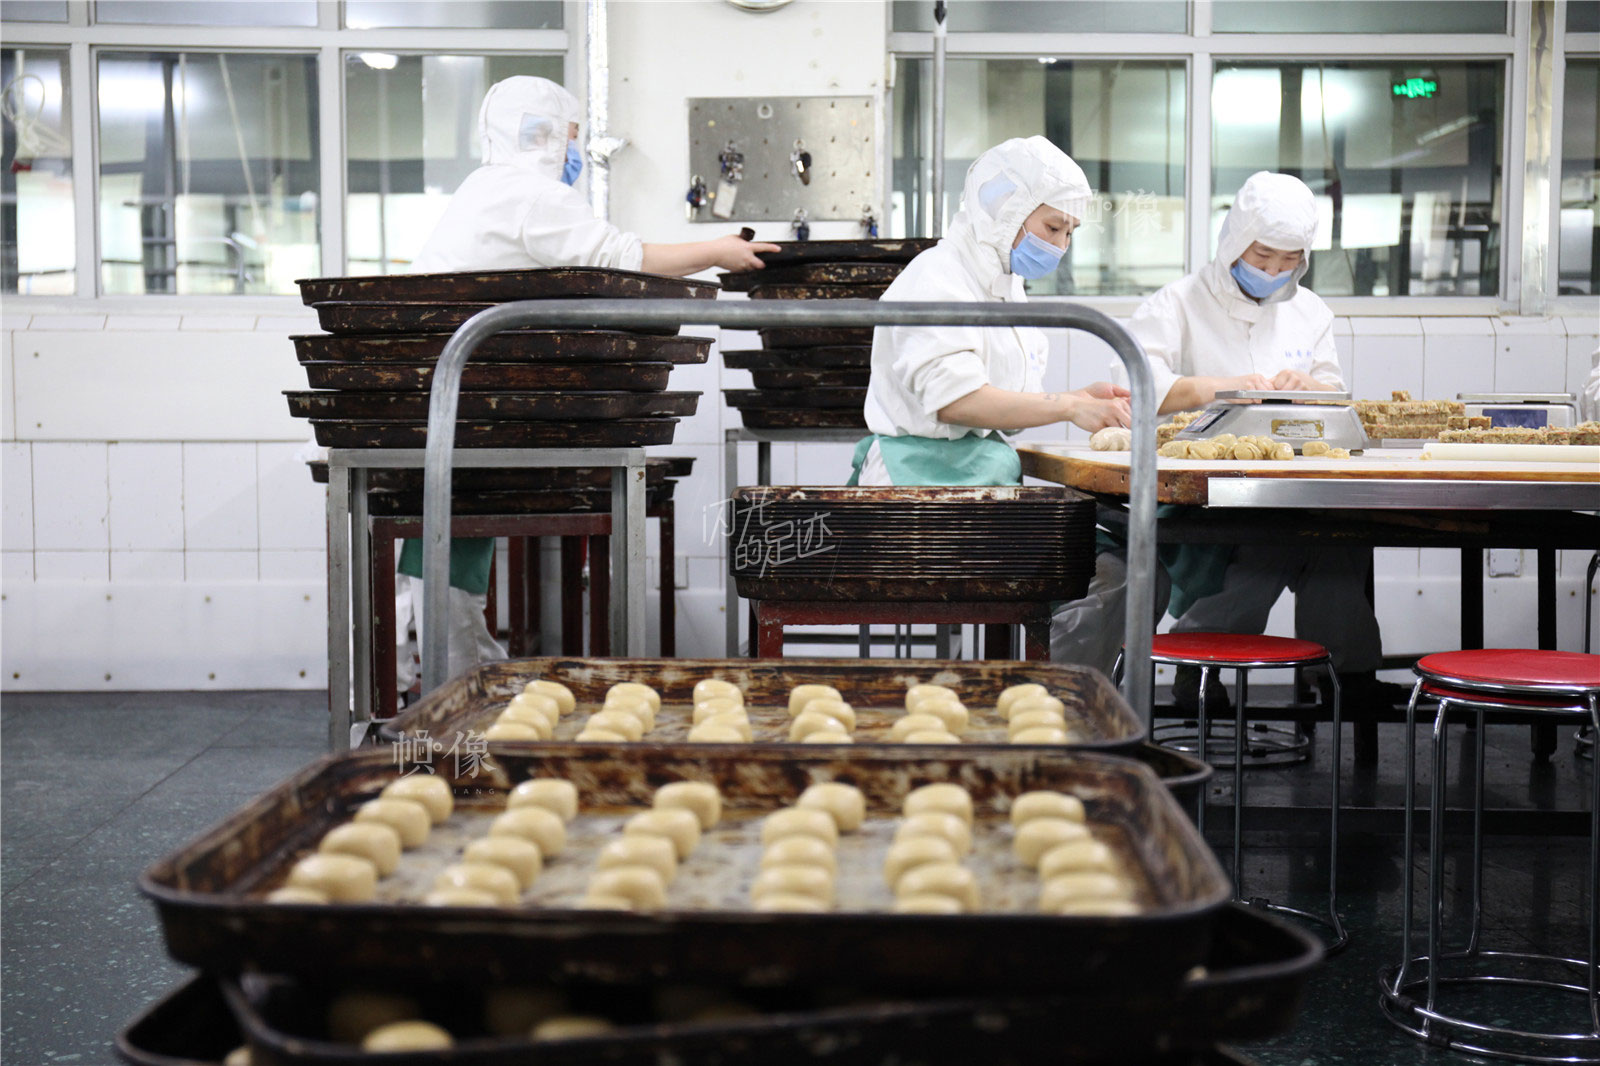 2017年3月2日,北京稻香村生产加工车间,工人正在手工制作糕点。中国网记者 高南 摄